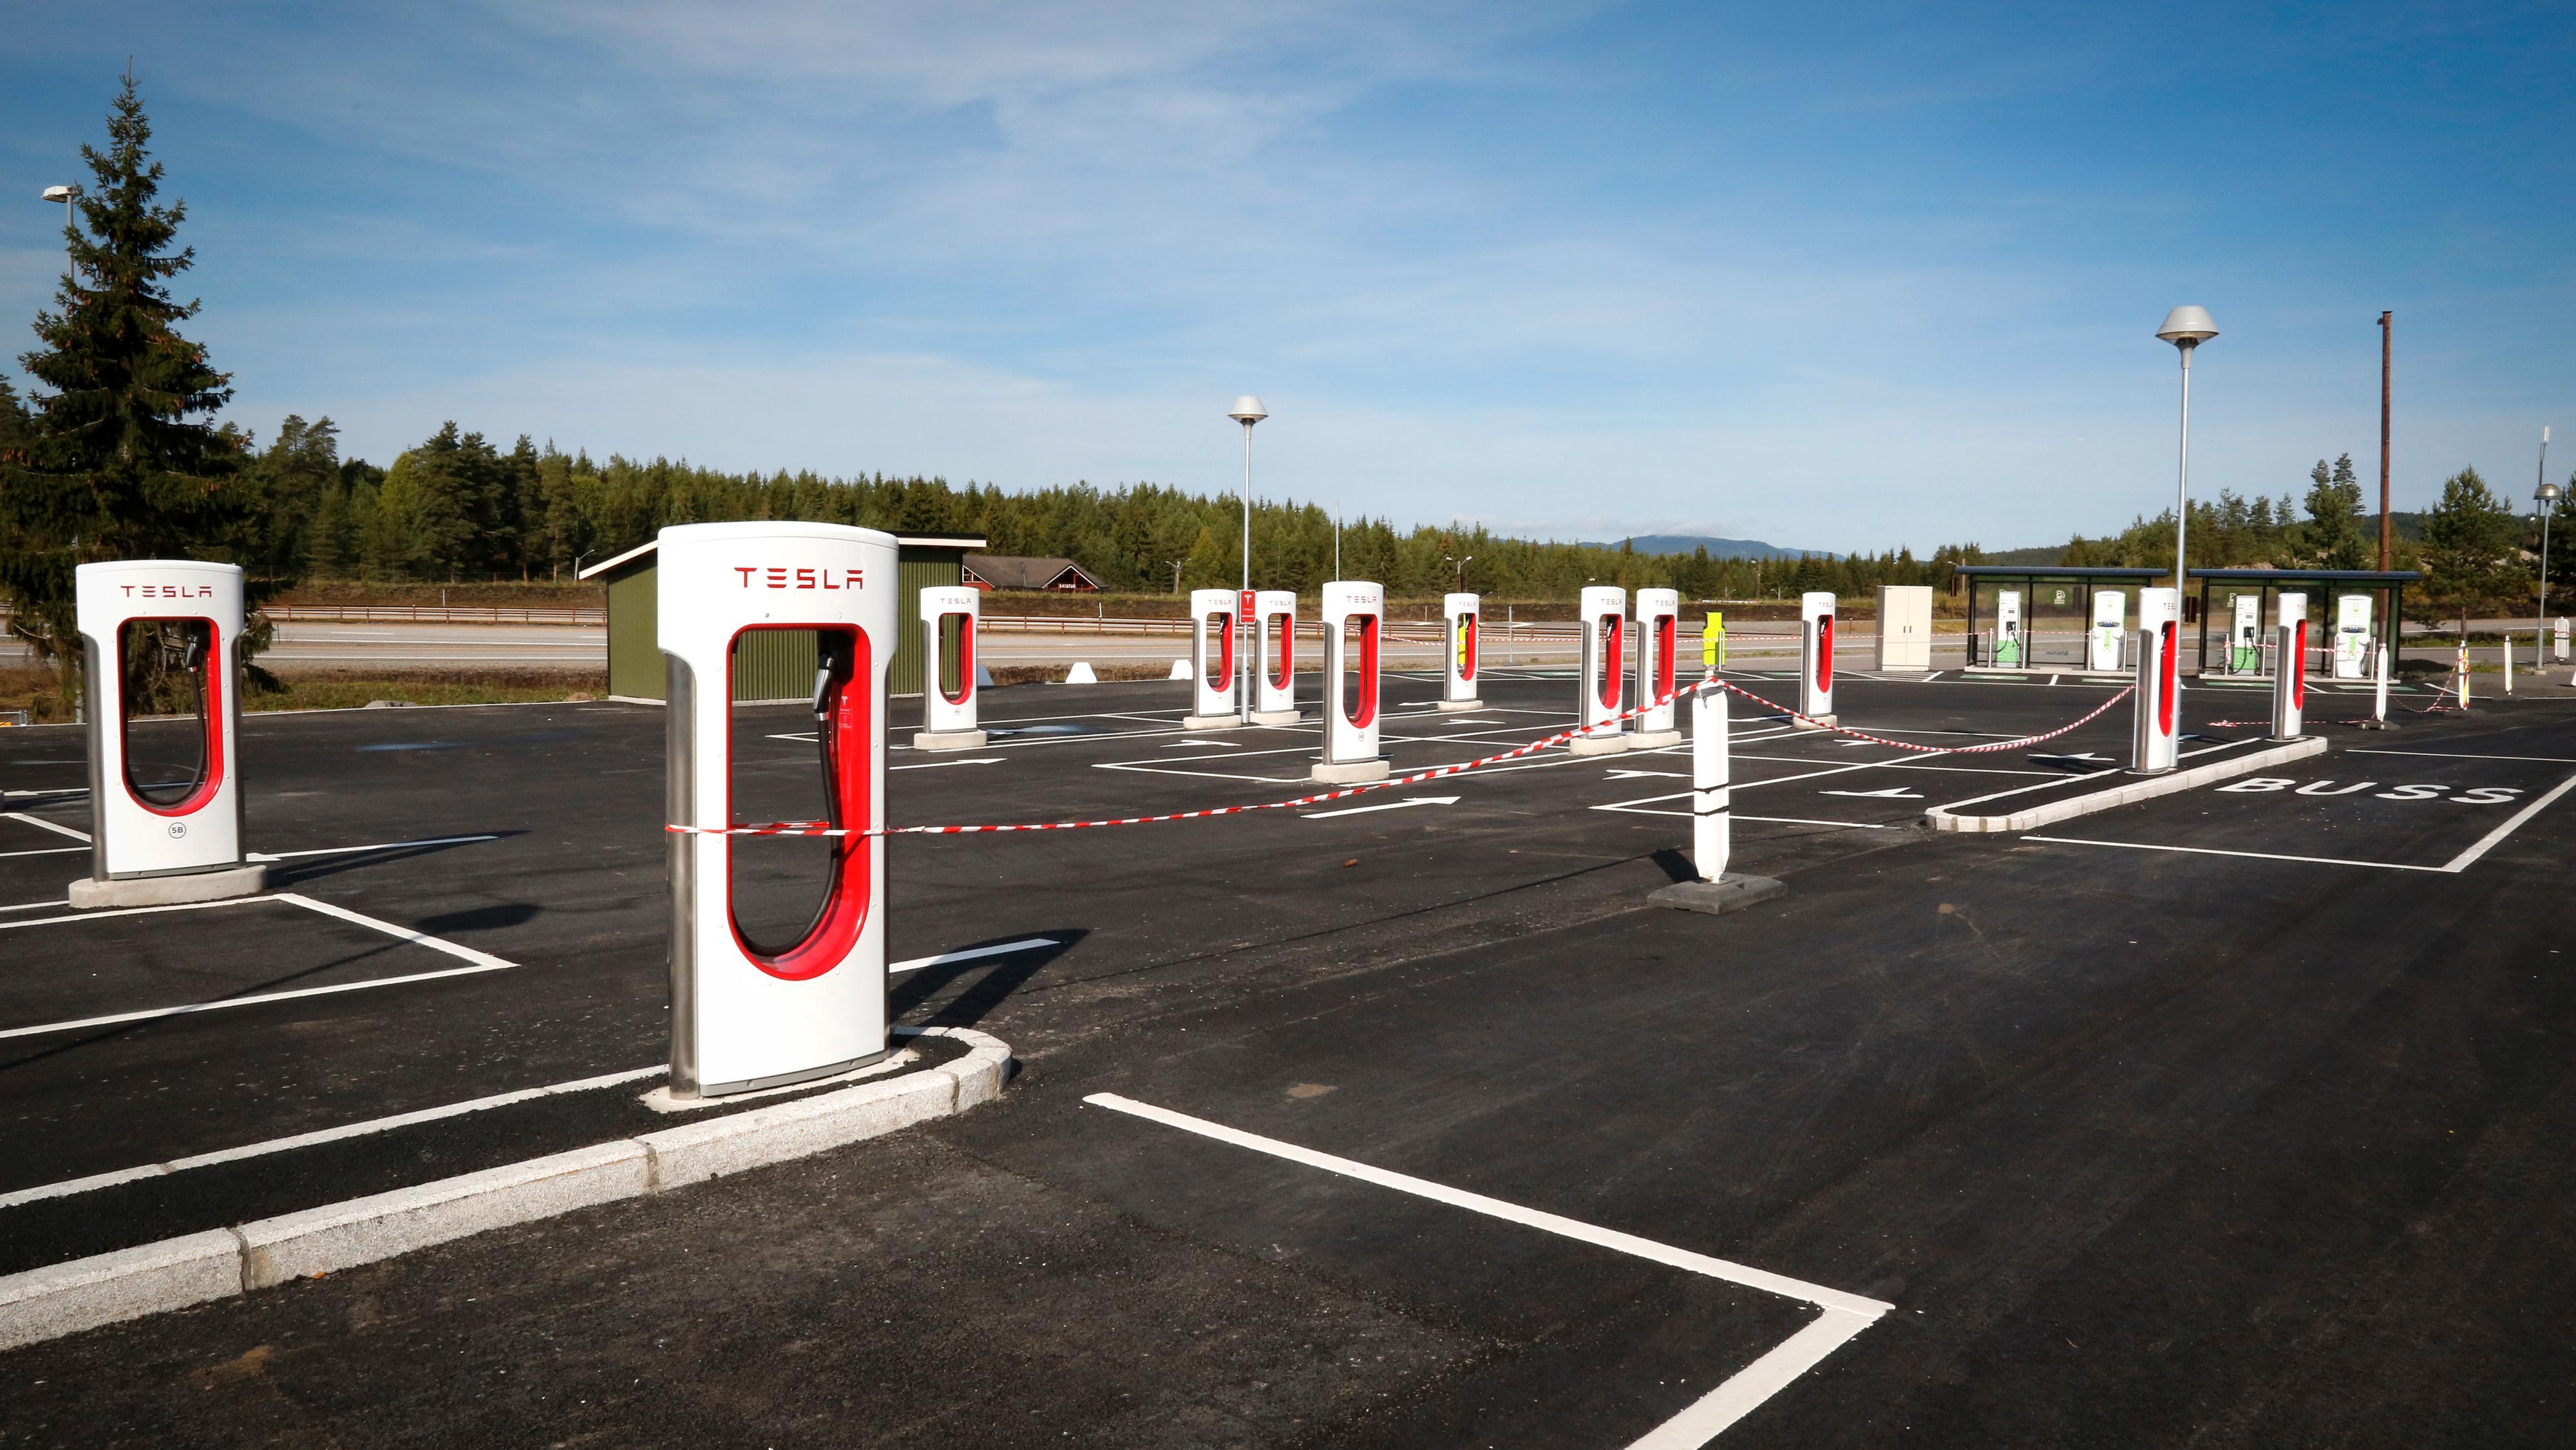 Teslas Superchargere kommer snart i versjon 3. Her fra stasjonen på Nebbenes, som er Europas største Supercharger-stasjon – foreløpig kun med versjon 2.